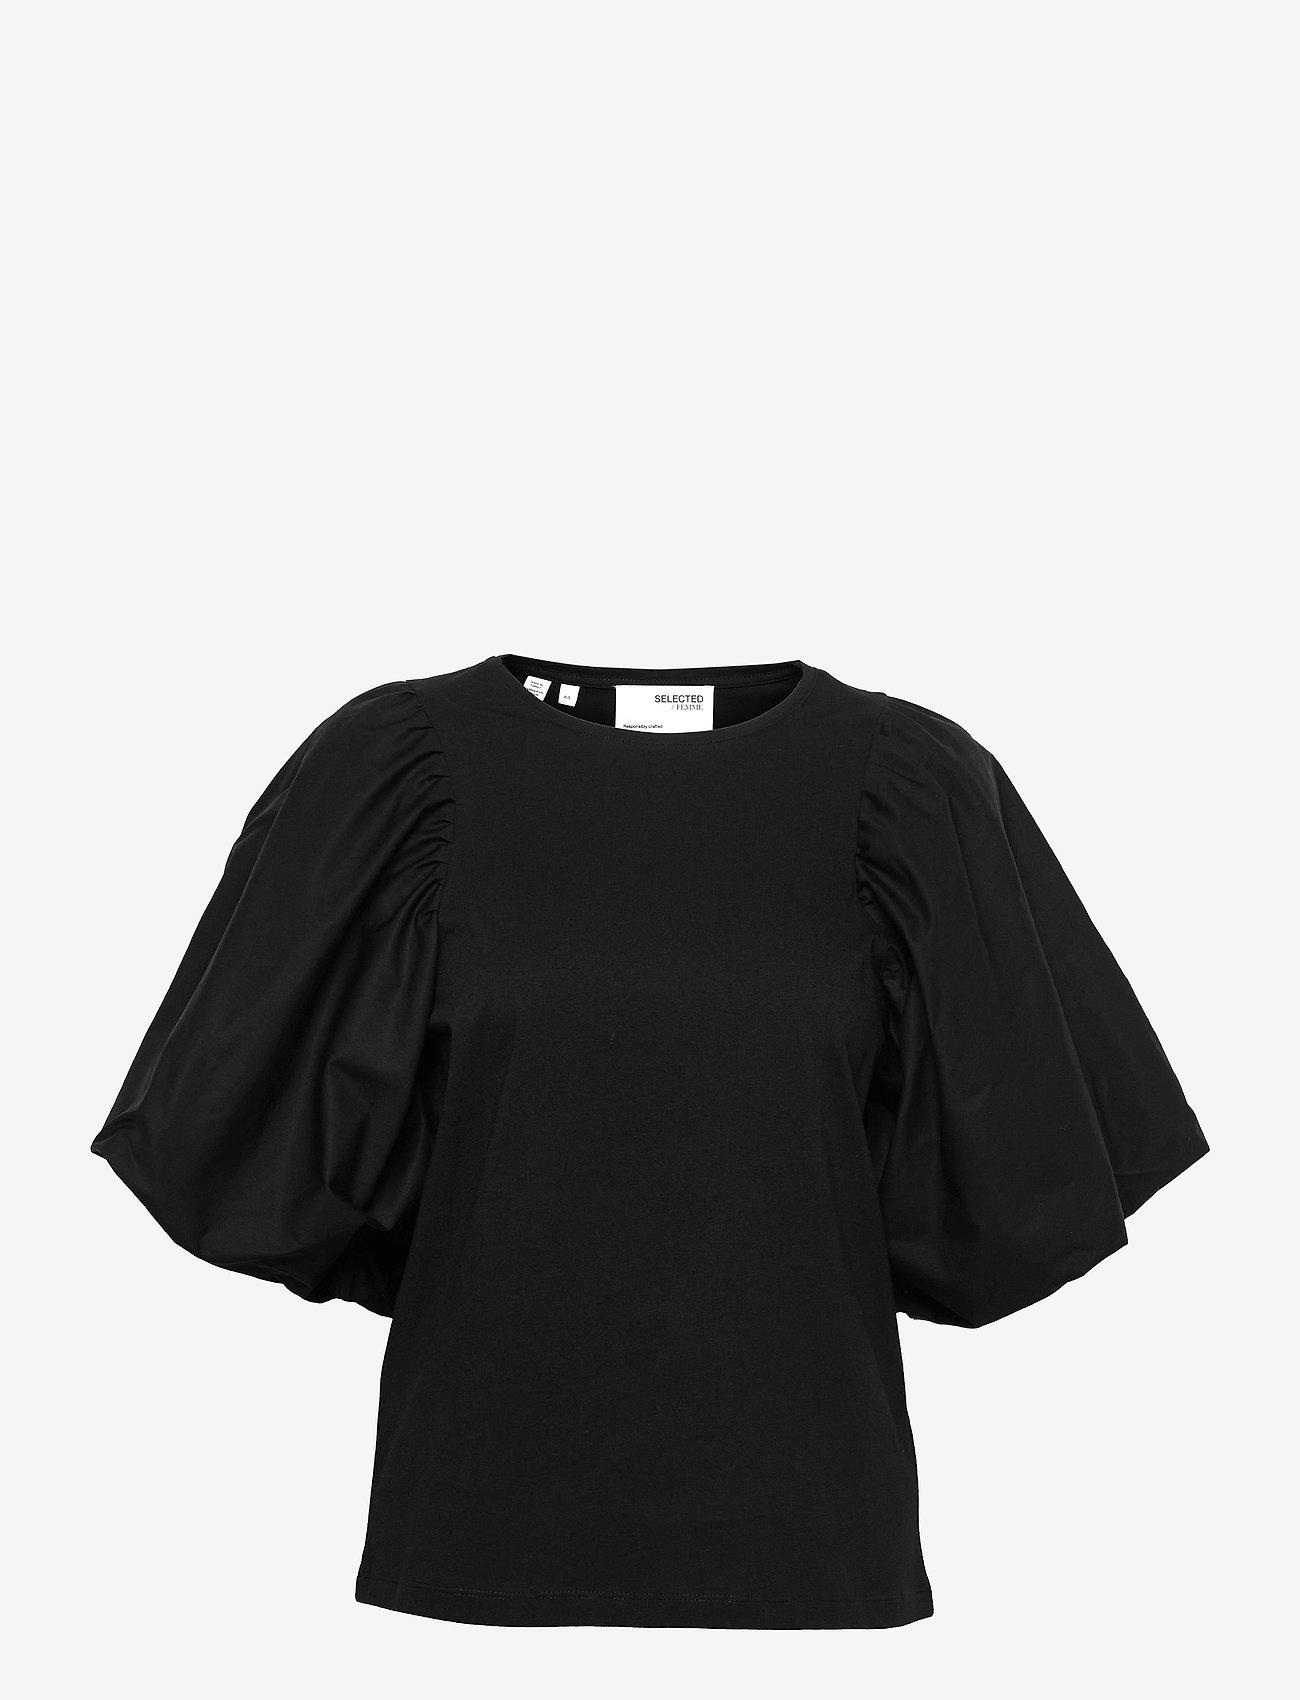 Selected Femme - SLFADRIANNA 2/4 TEE - kurzämlige blusen - black - 0